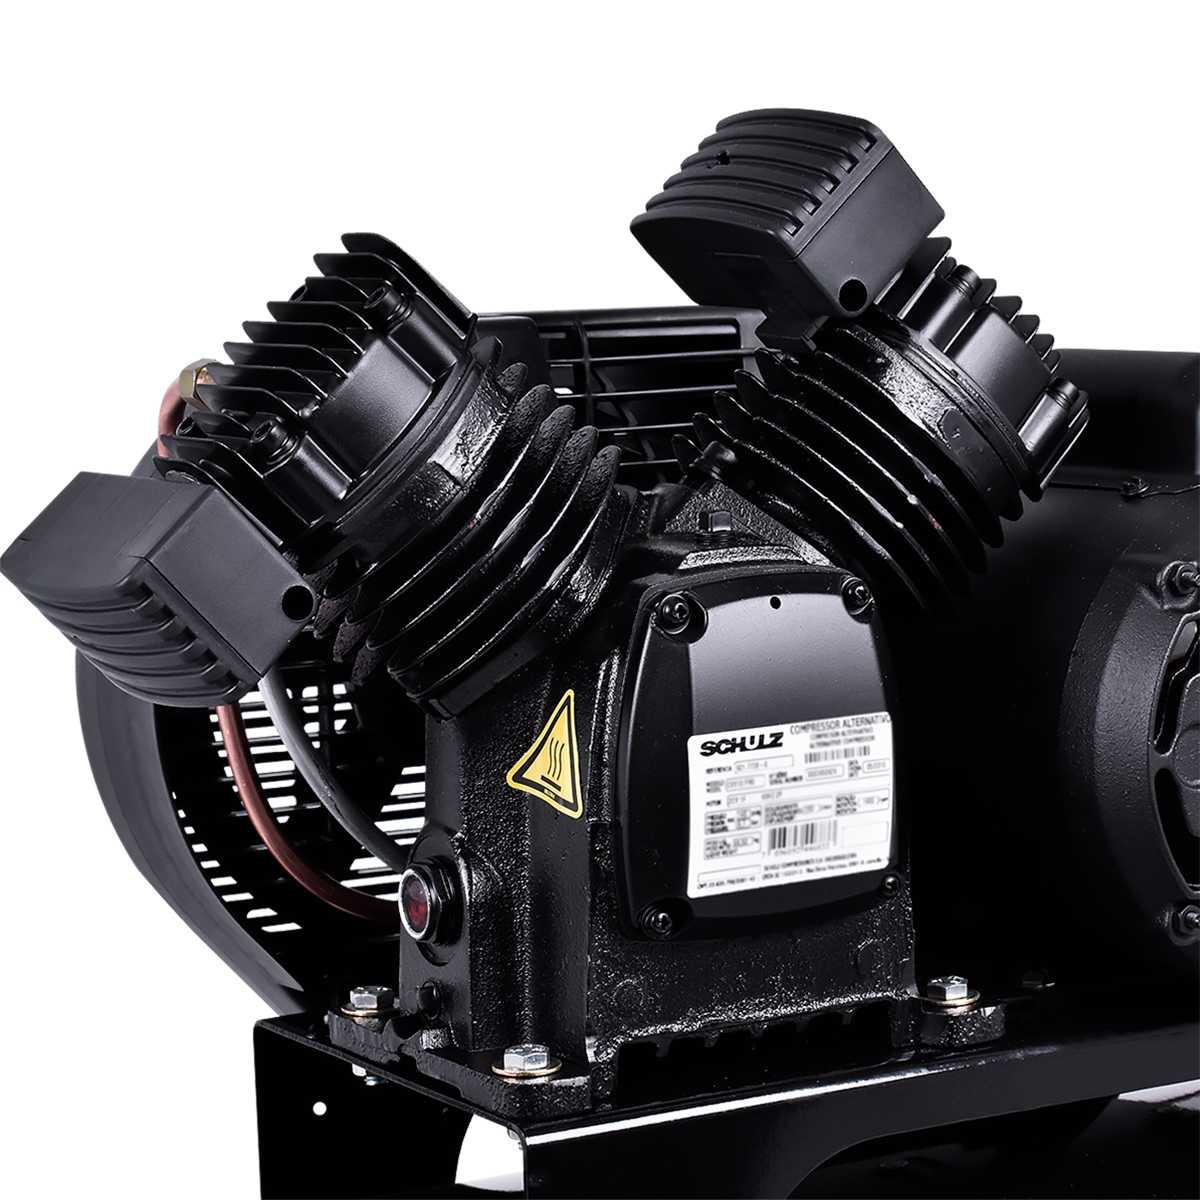 Compressor de Ar 100L 10 Pés³ Csv10/100 Pro Schulz - 220V